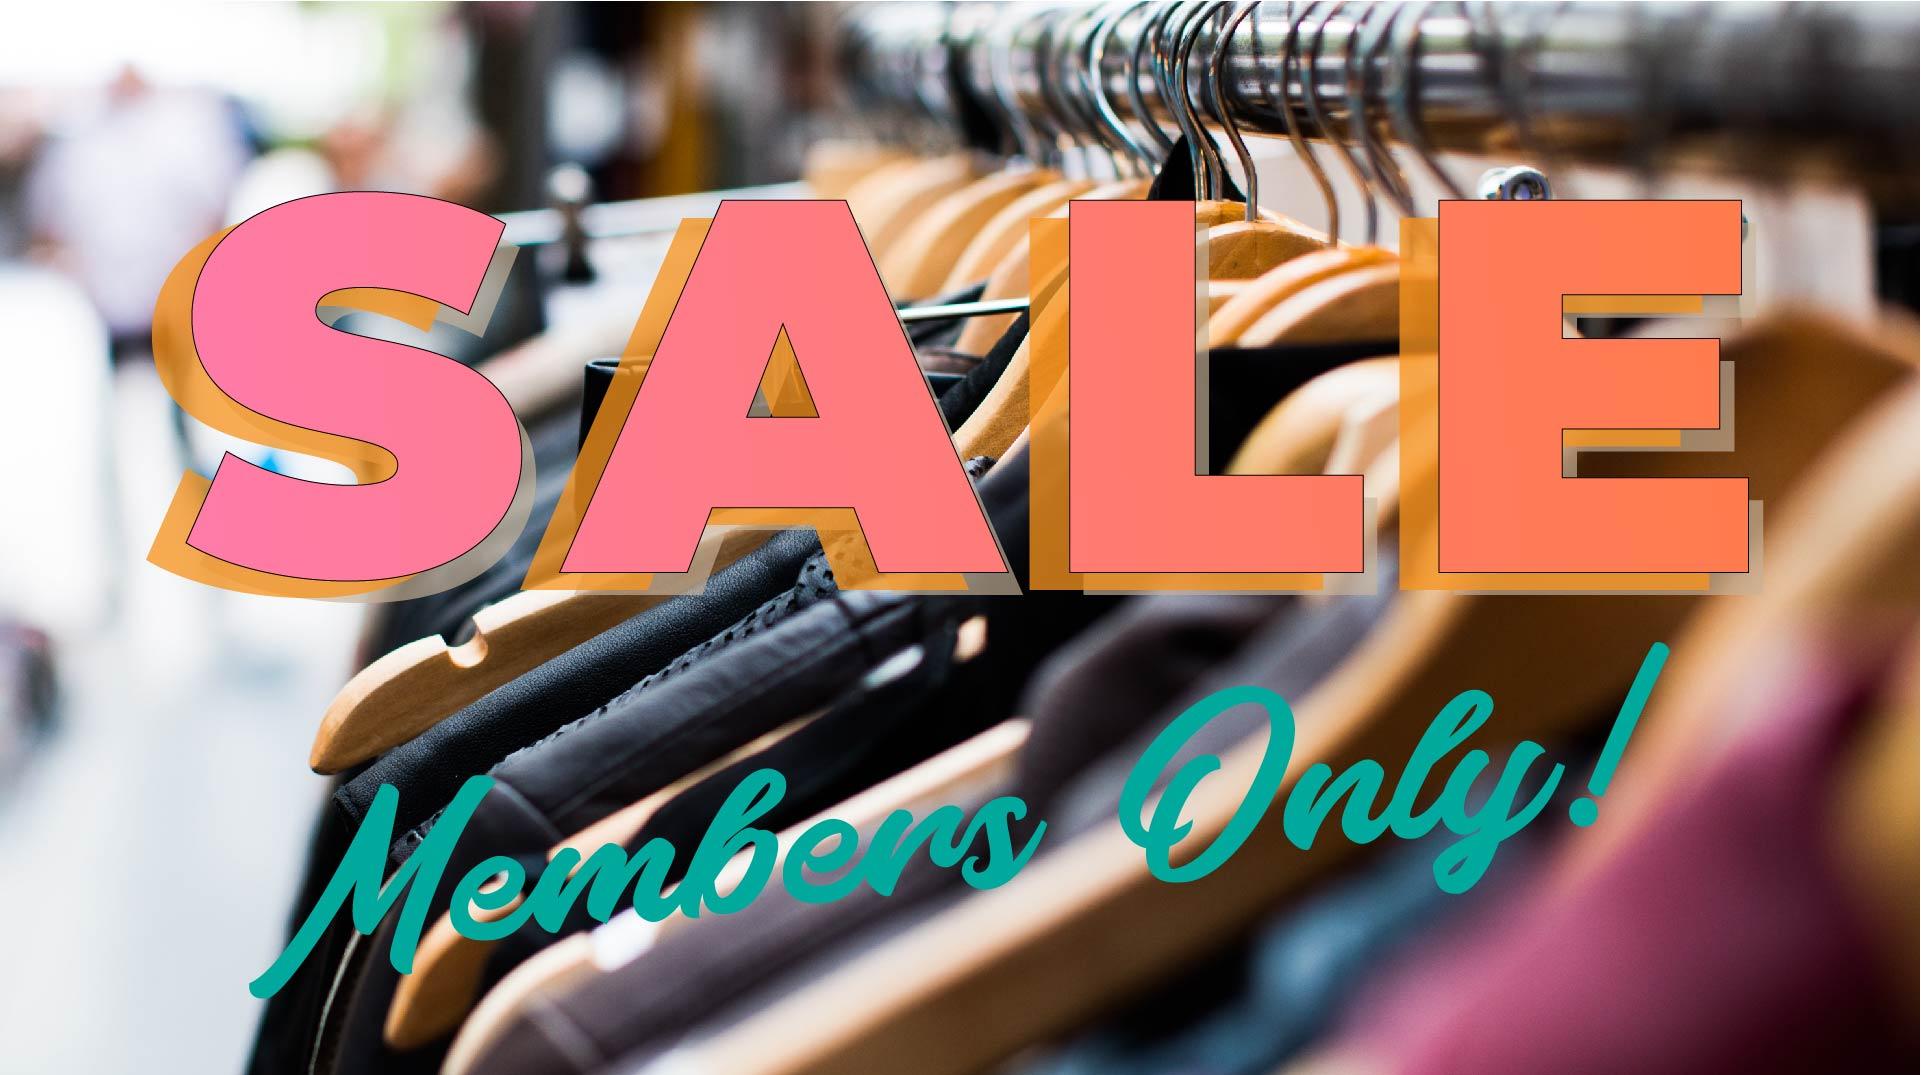 Sidewalk Sale - Members Only.jpg